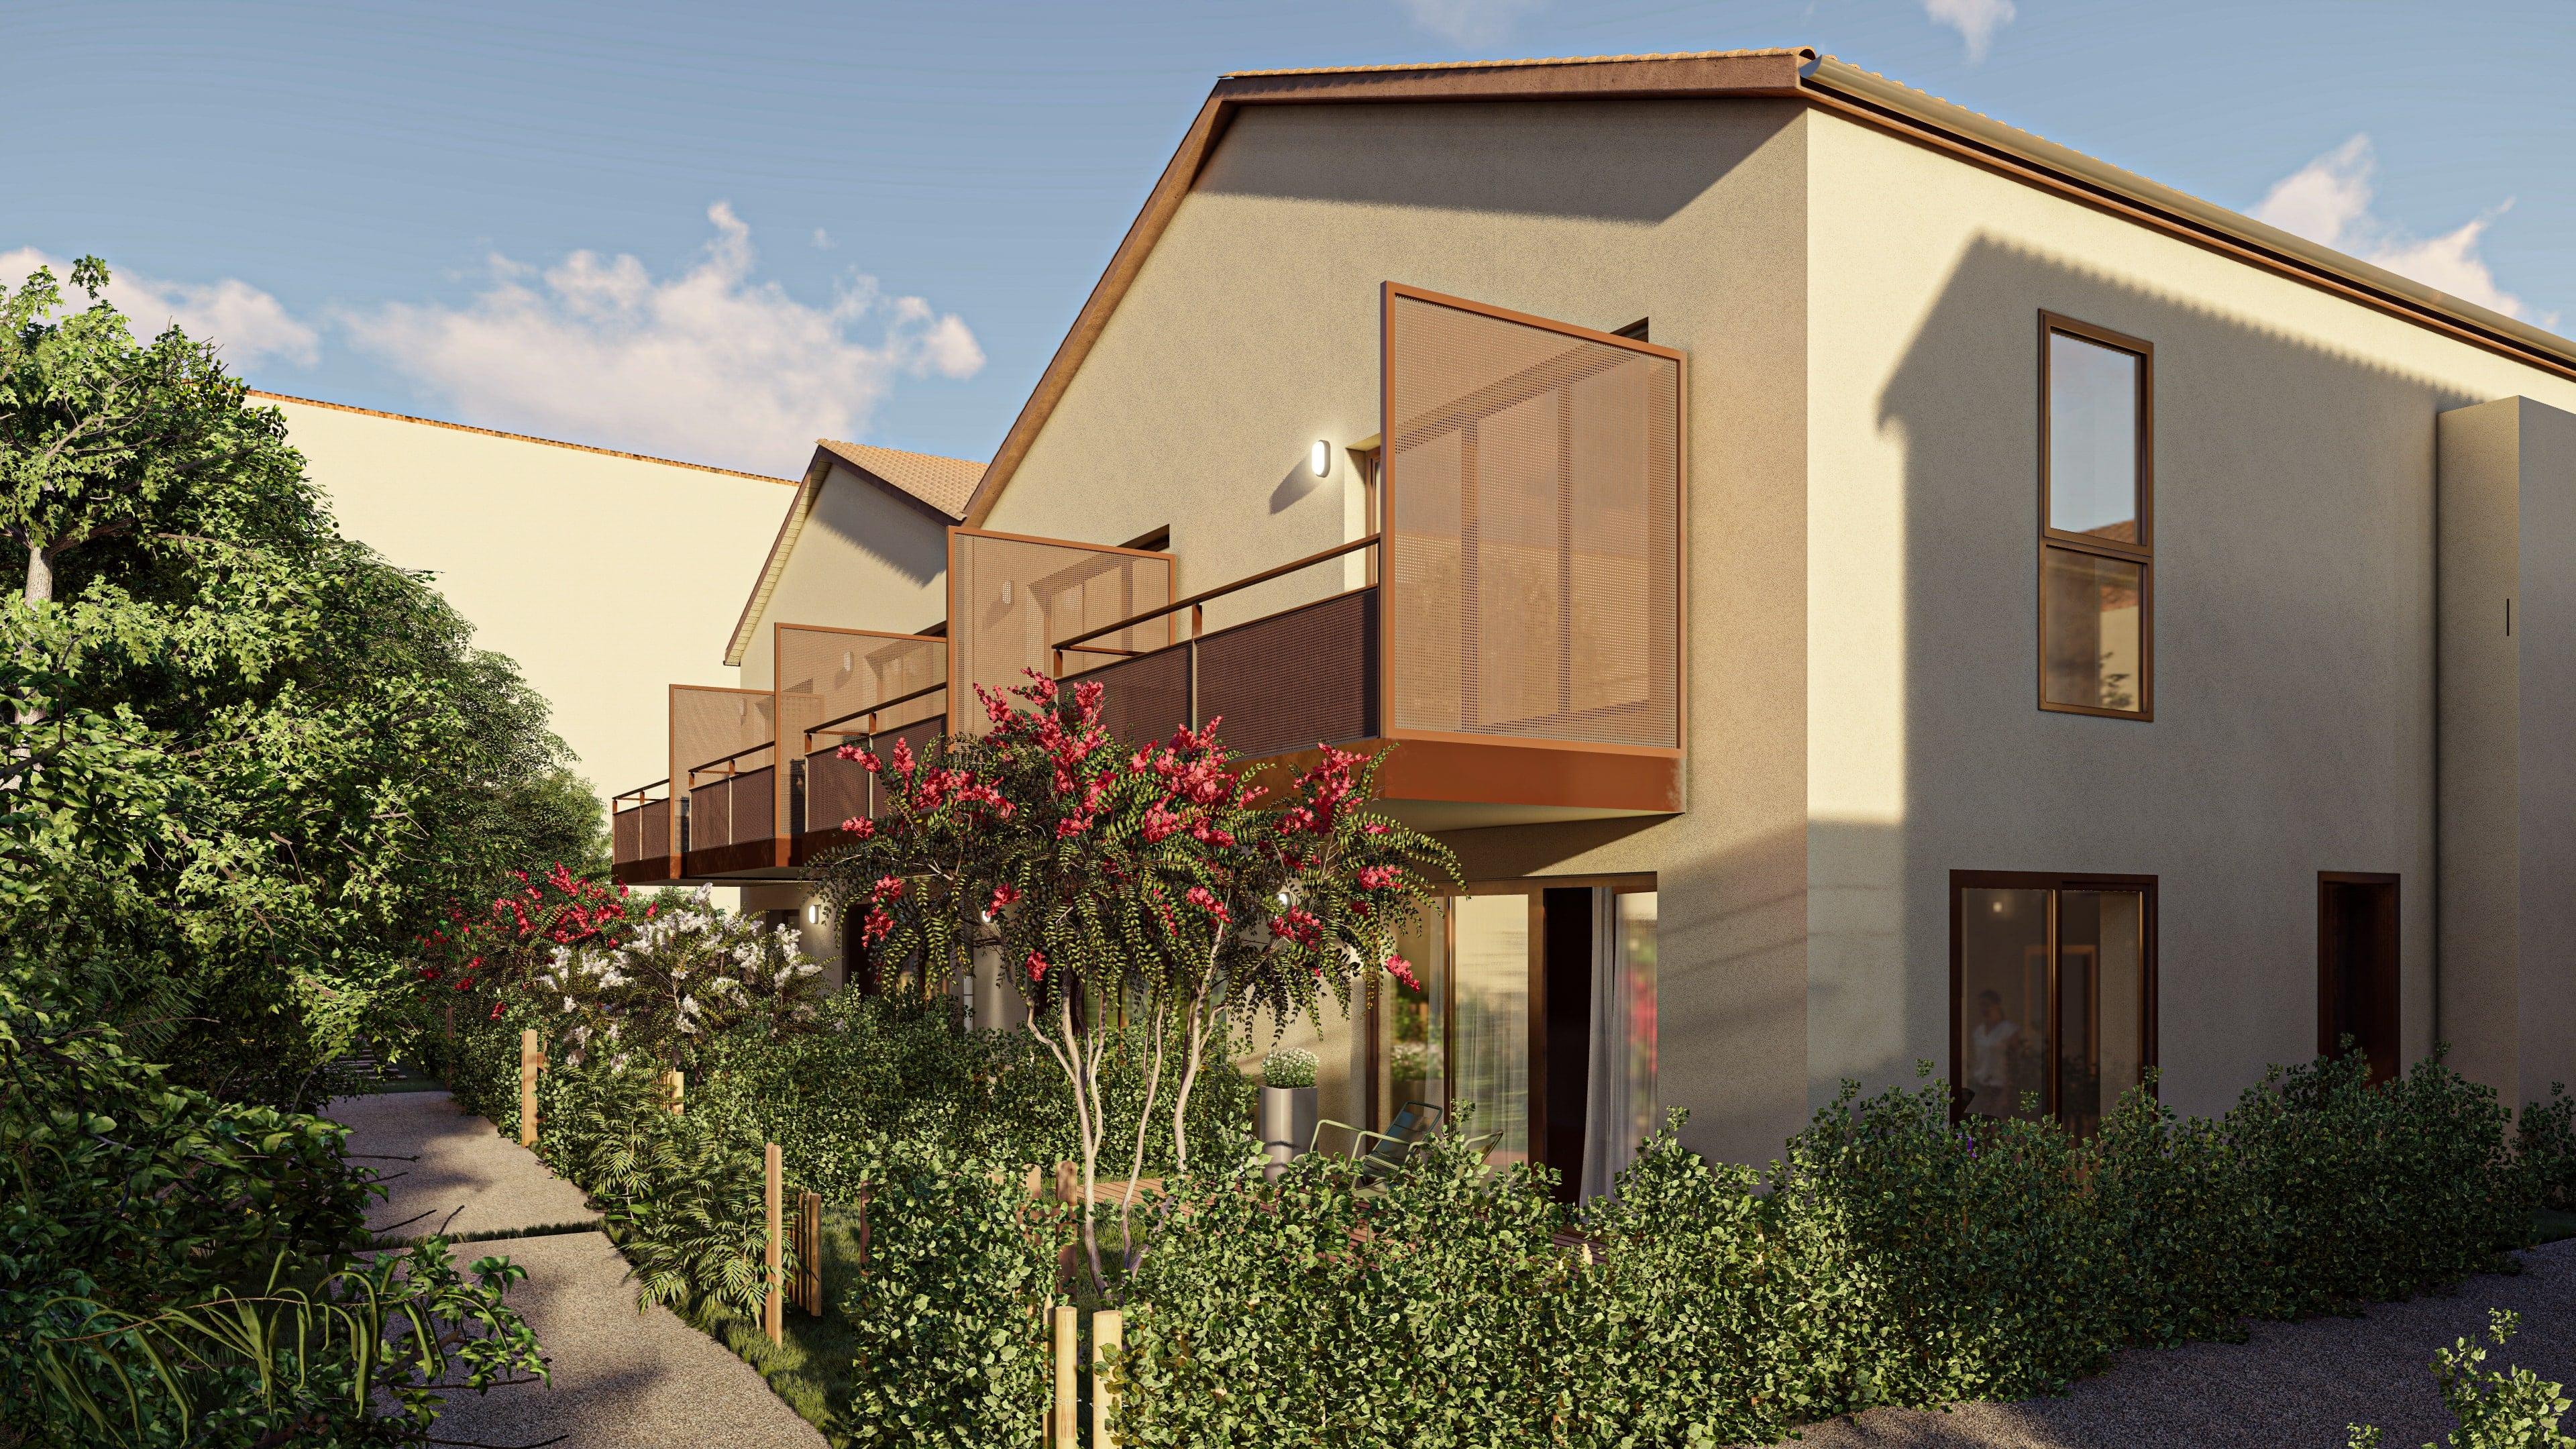 Programme immobilier AJA17 appartement à Saint-Priest (69800) Environnement verdoyant et paisible